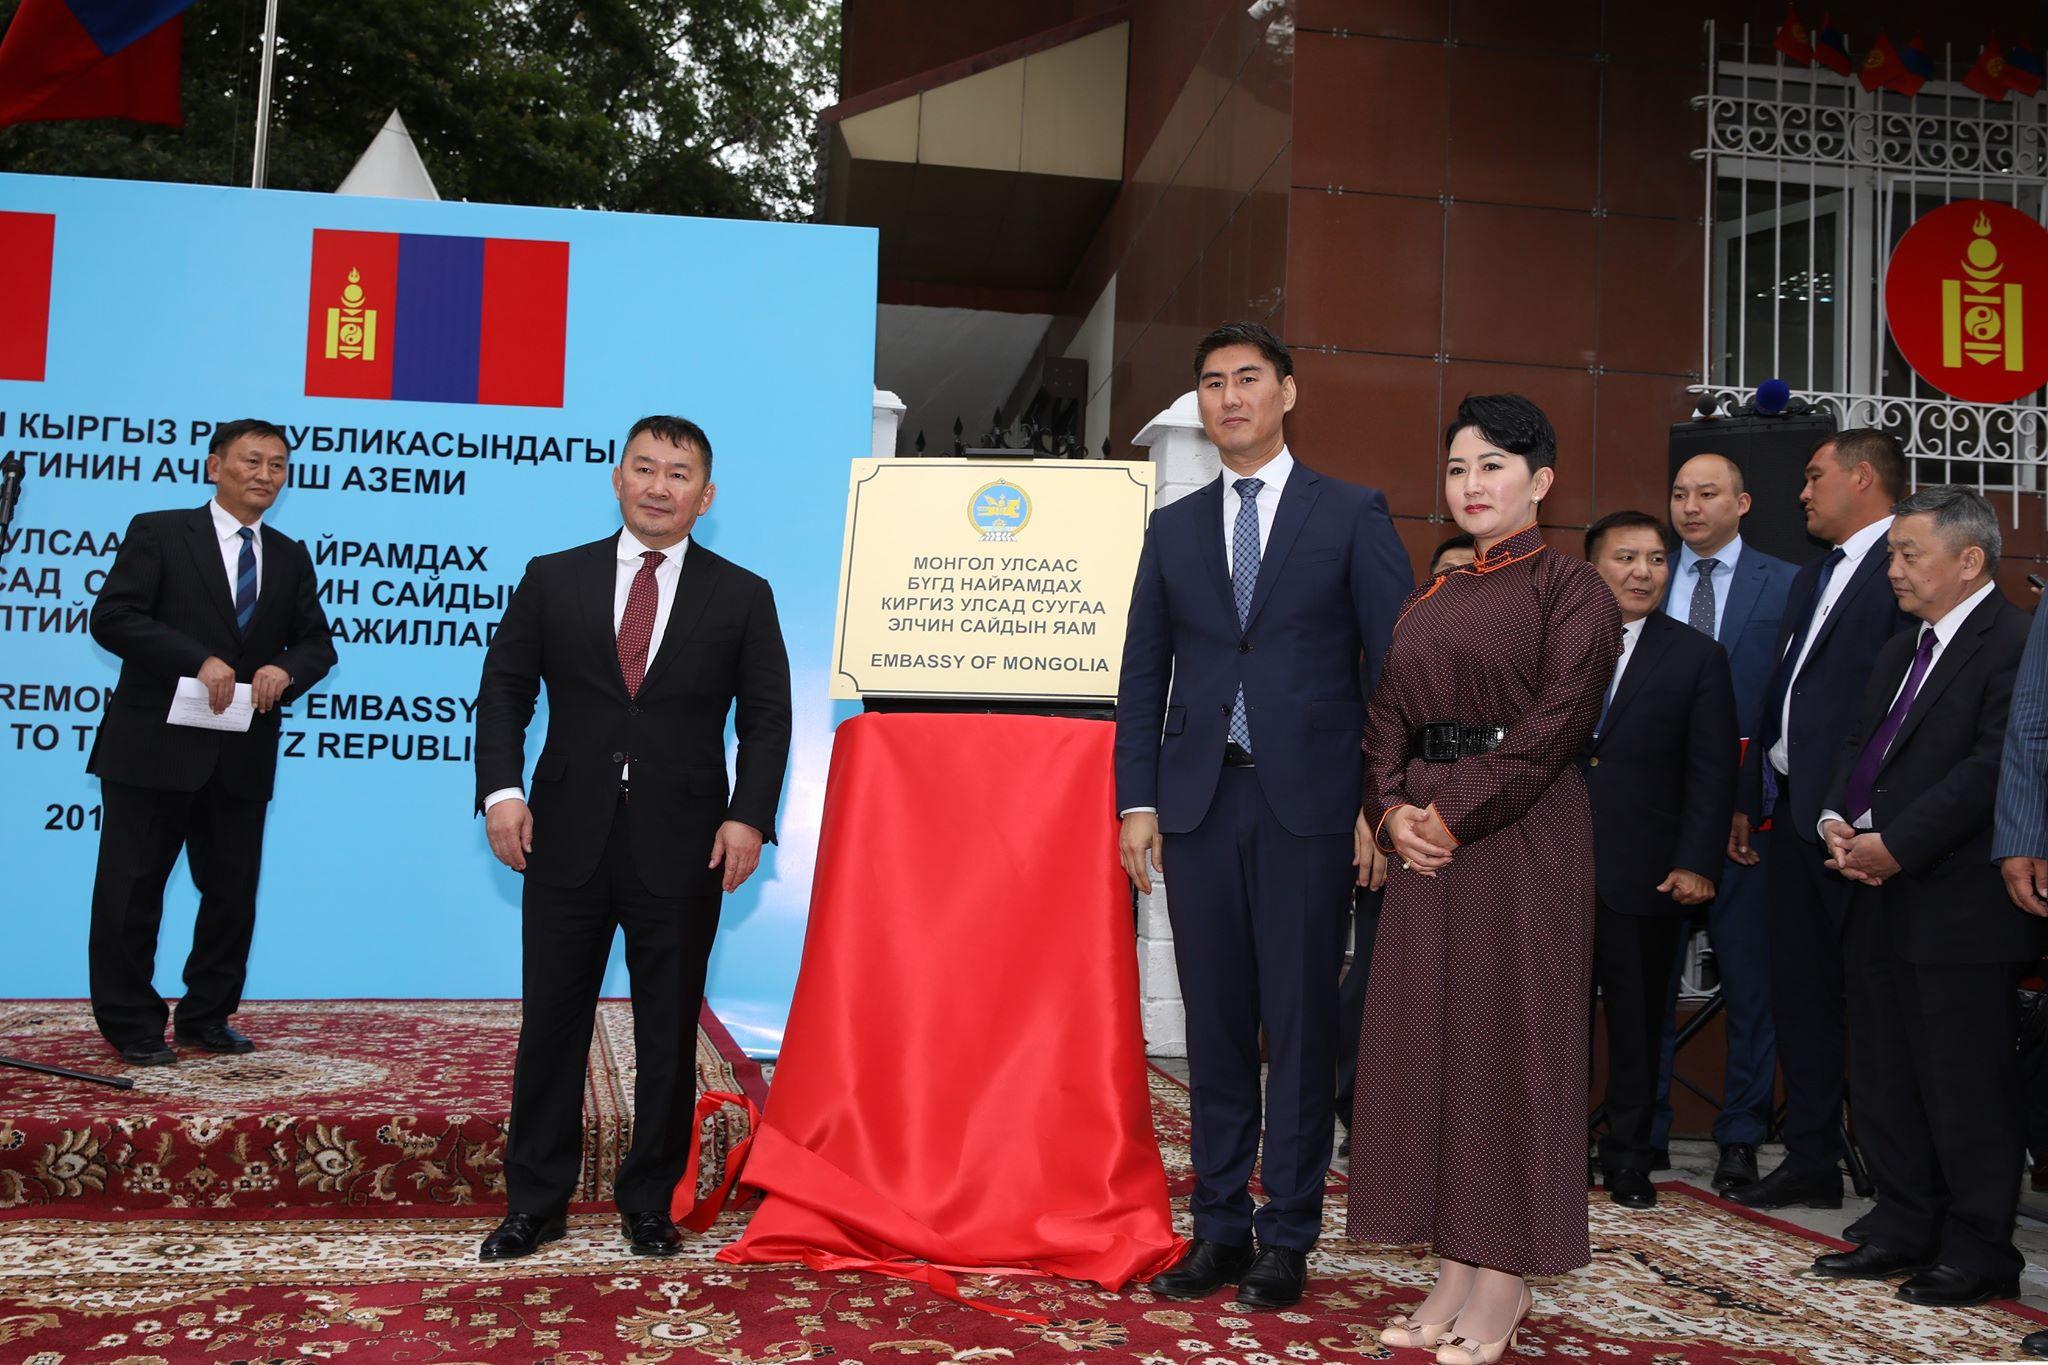 Монгол Улсаас Бүгд Найрамдах Киргиз улсад суух Элчин сайдын яамыг нээлээ